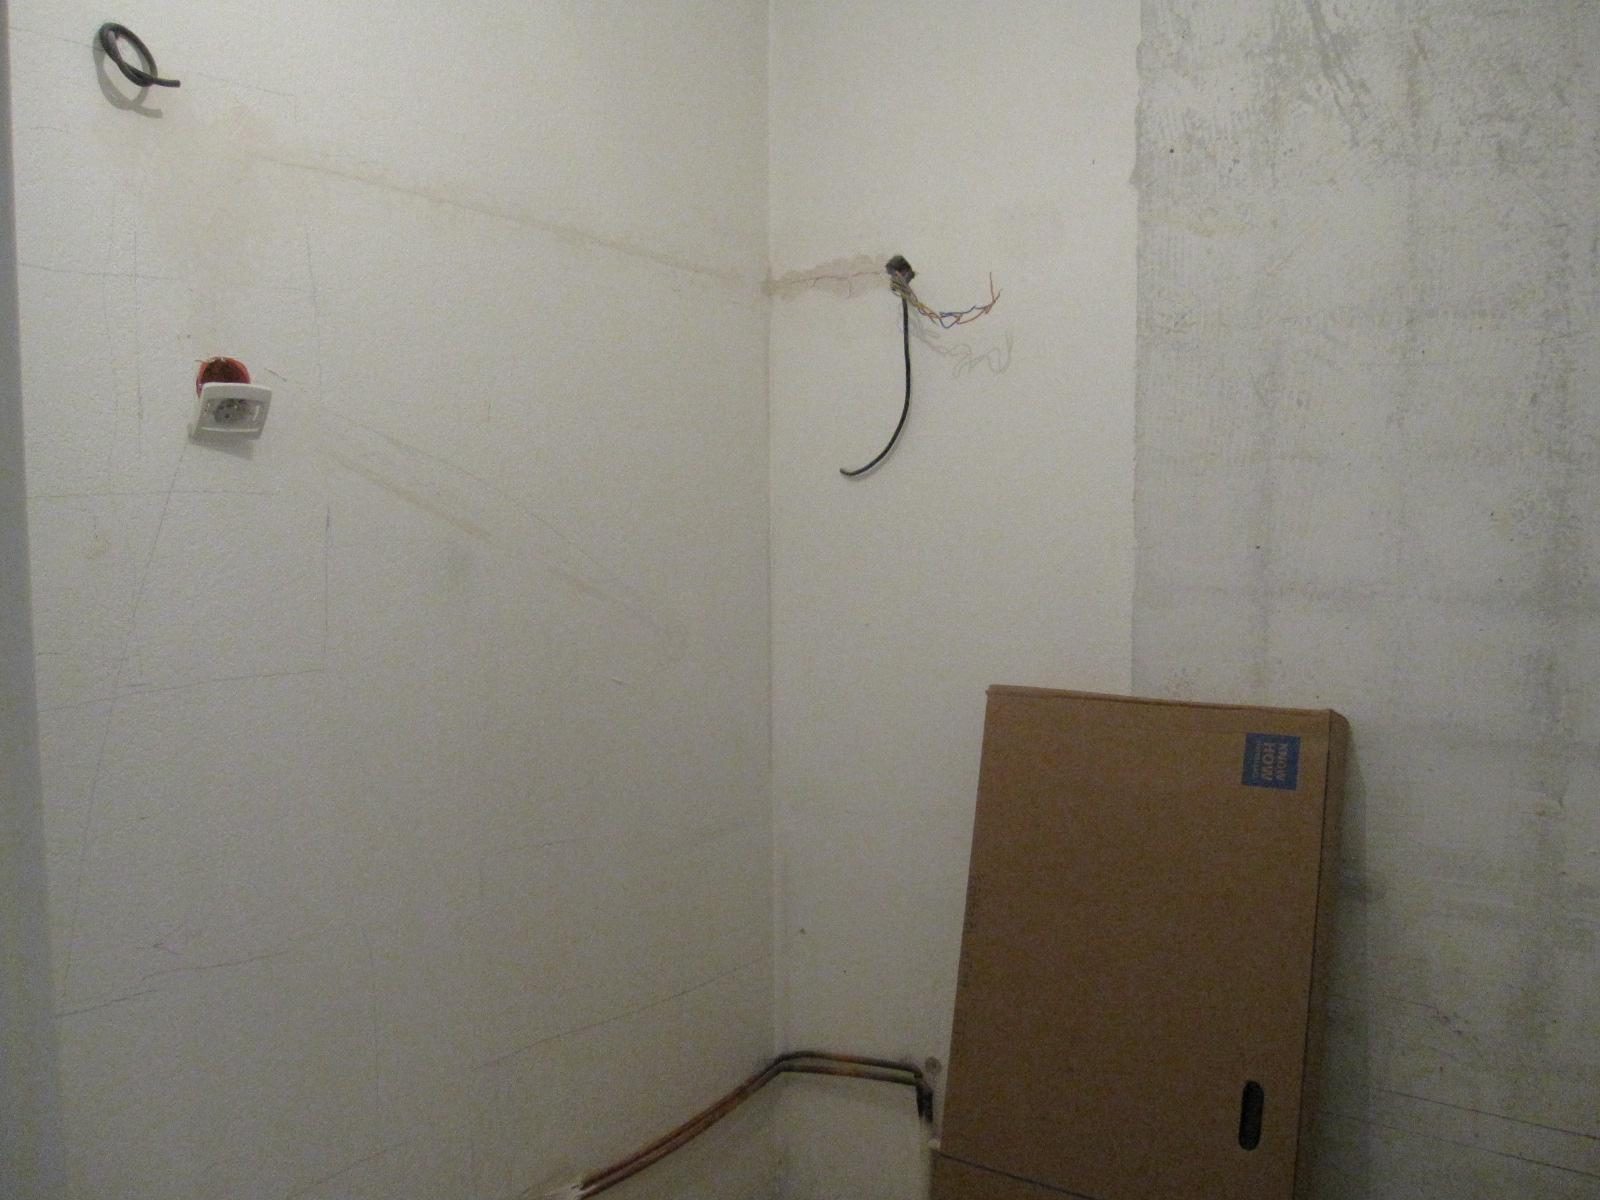 avis sur lectricit d placer ou pas dans salle de bain. Black Bedroom Furniture Sets. Home Design Ideas